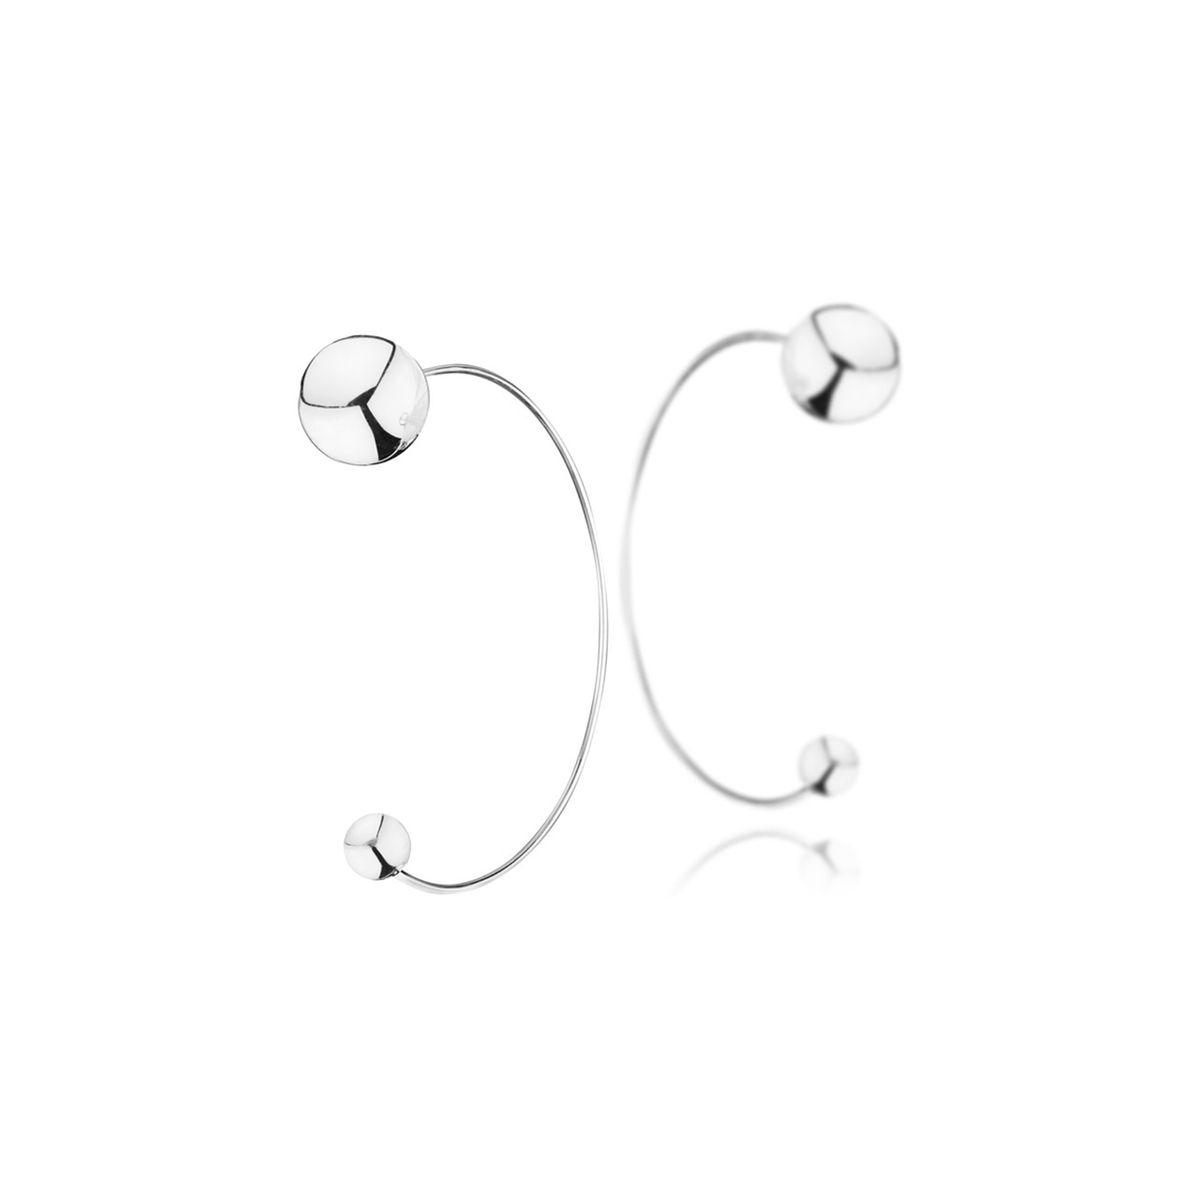 Boucles d'oreilles percées en argent 925 passivé, 5g, Ø6 et 12mm